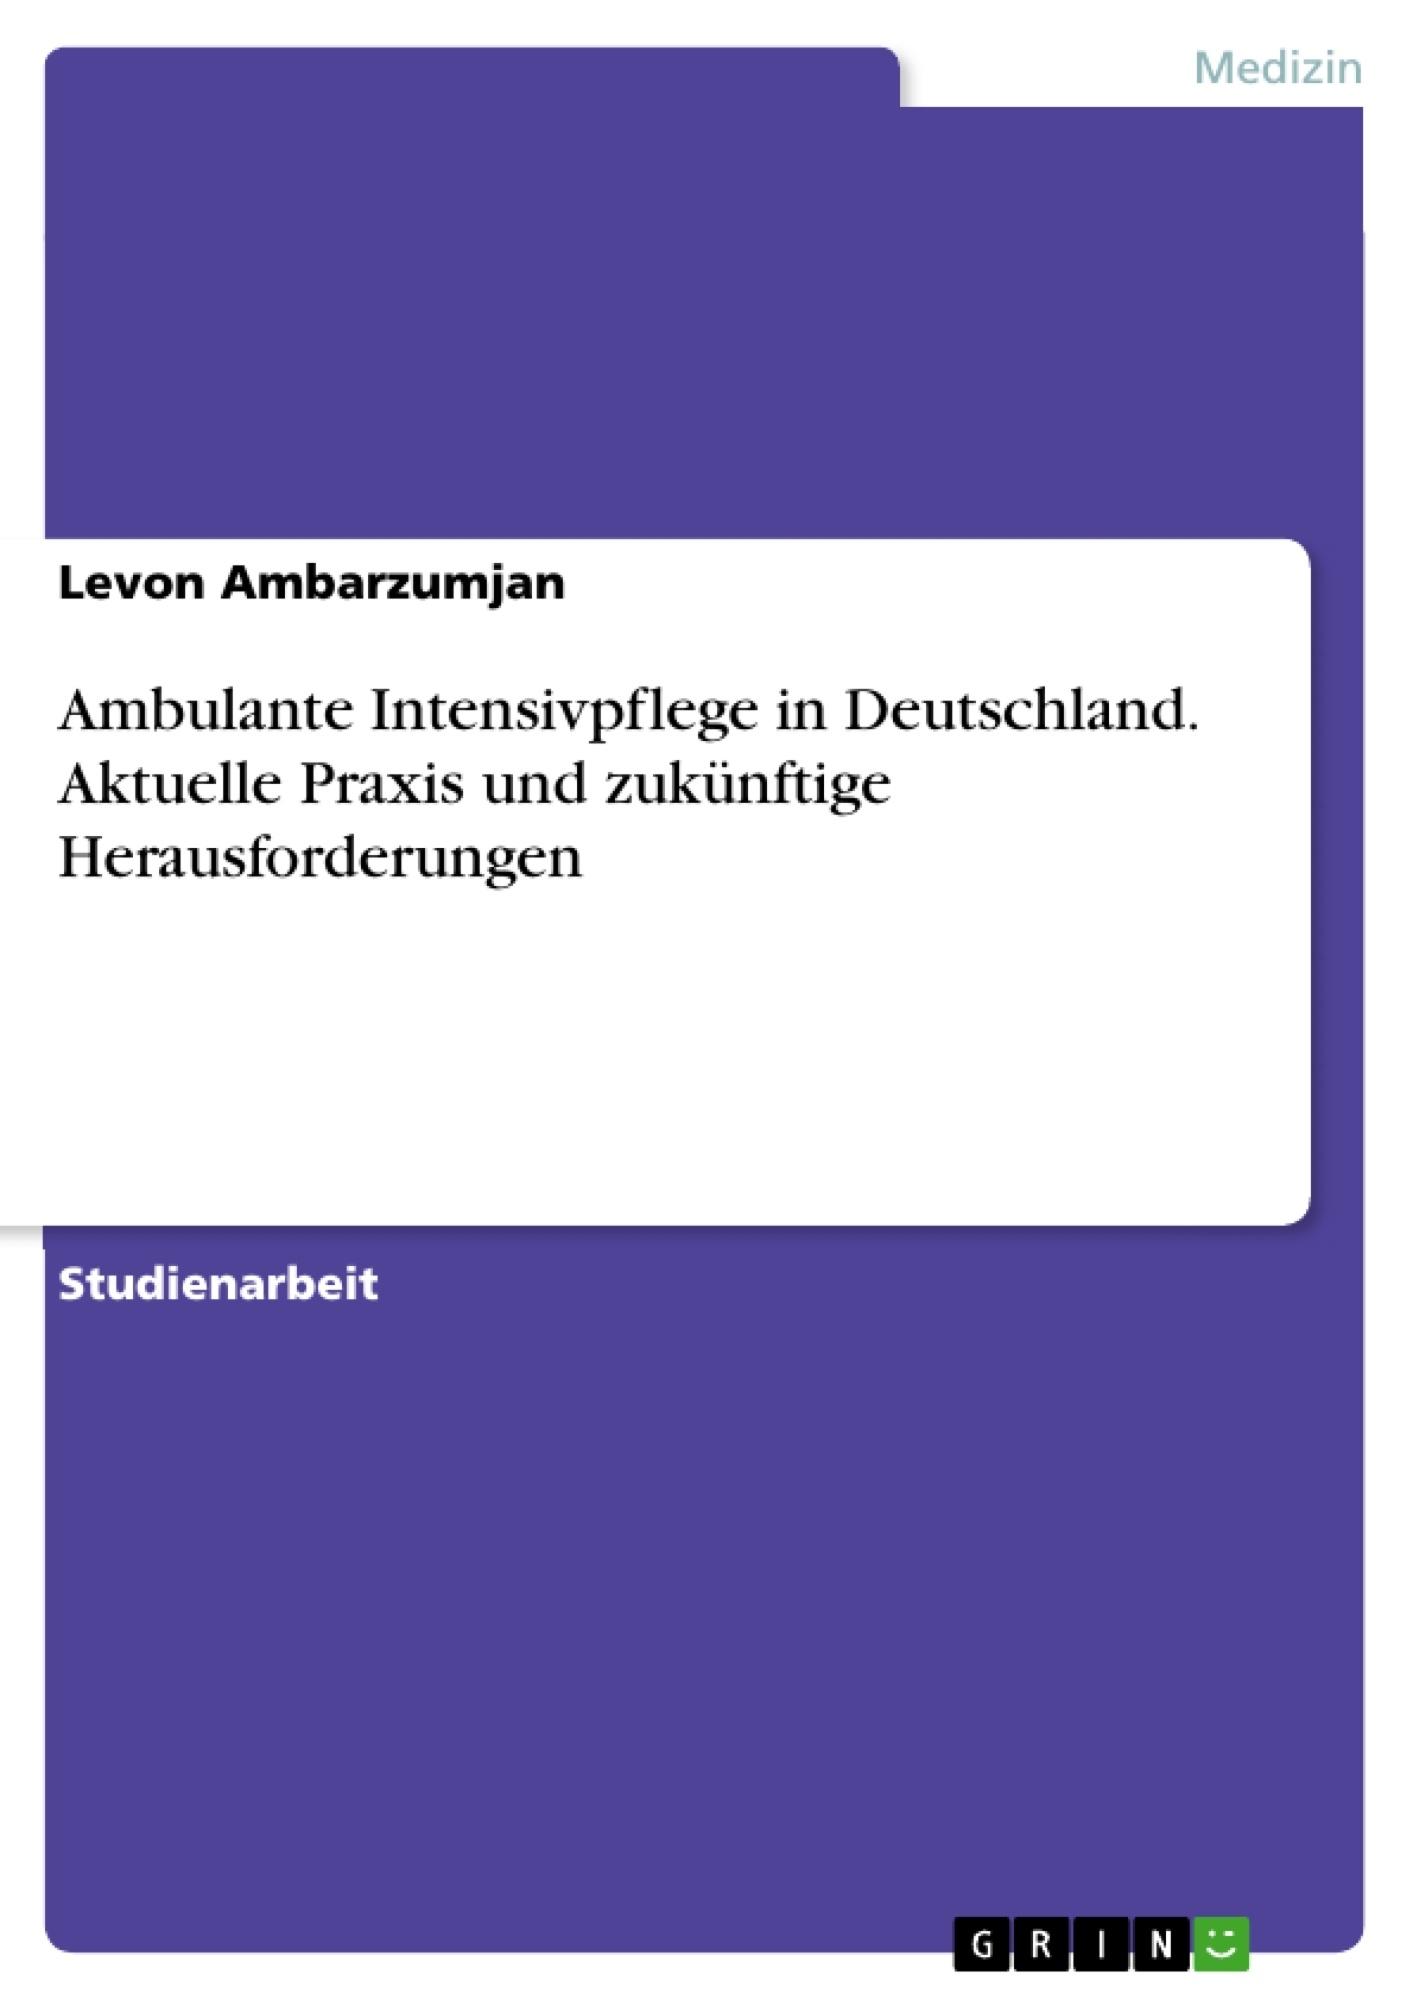 Titel: Ambulante Intensivpflege in Deutschland. Aktuelle Praxis und zukünftige Herausforderungen